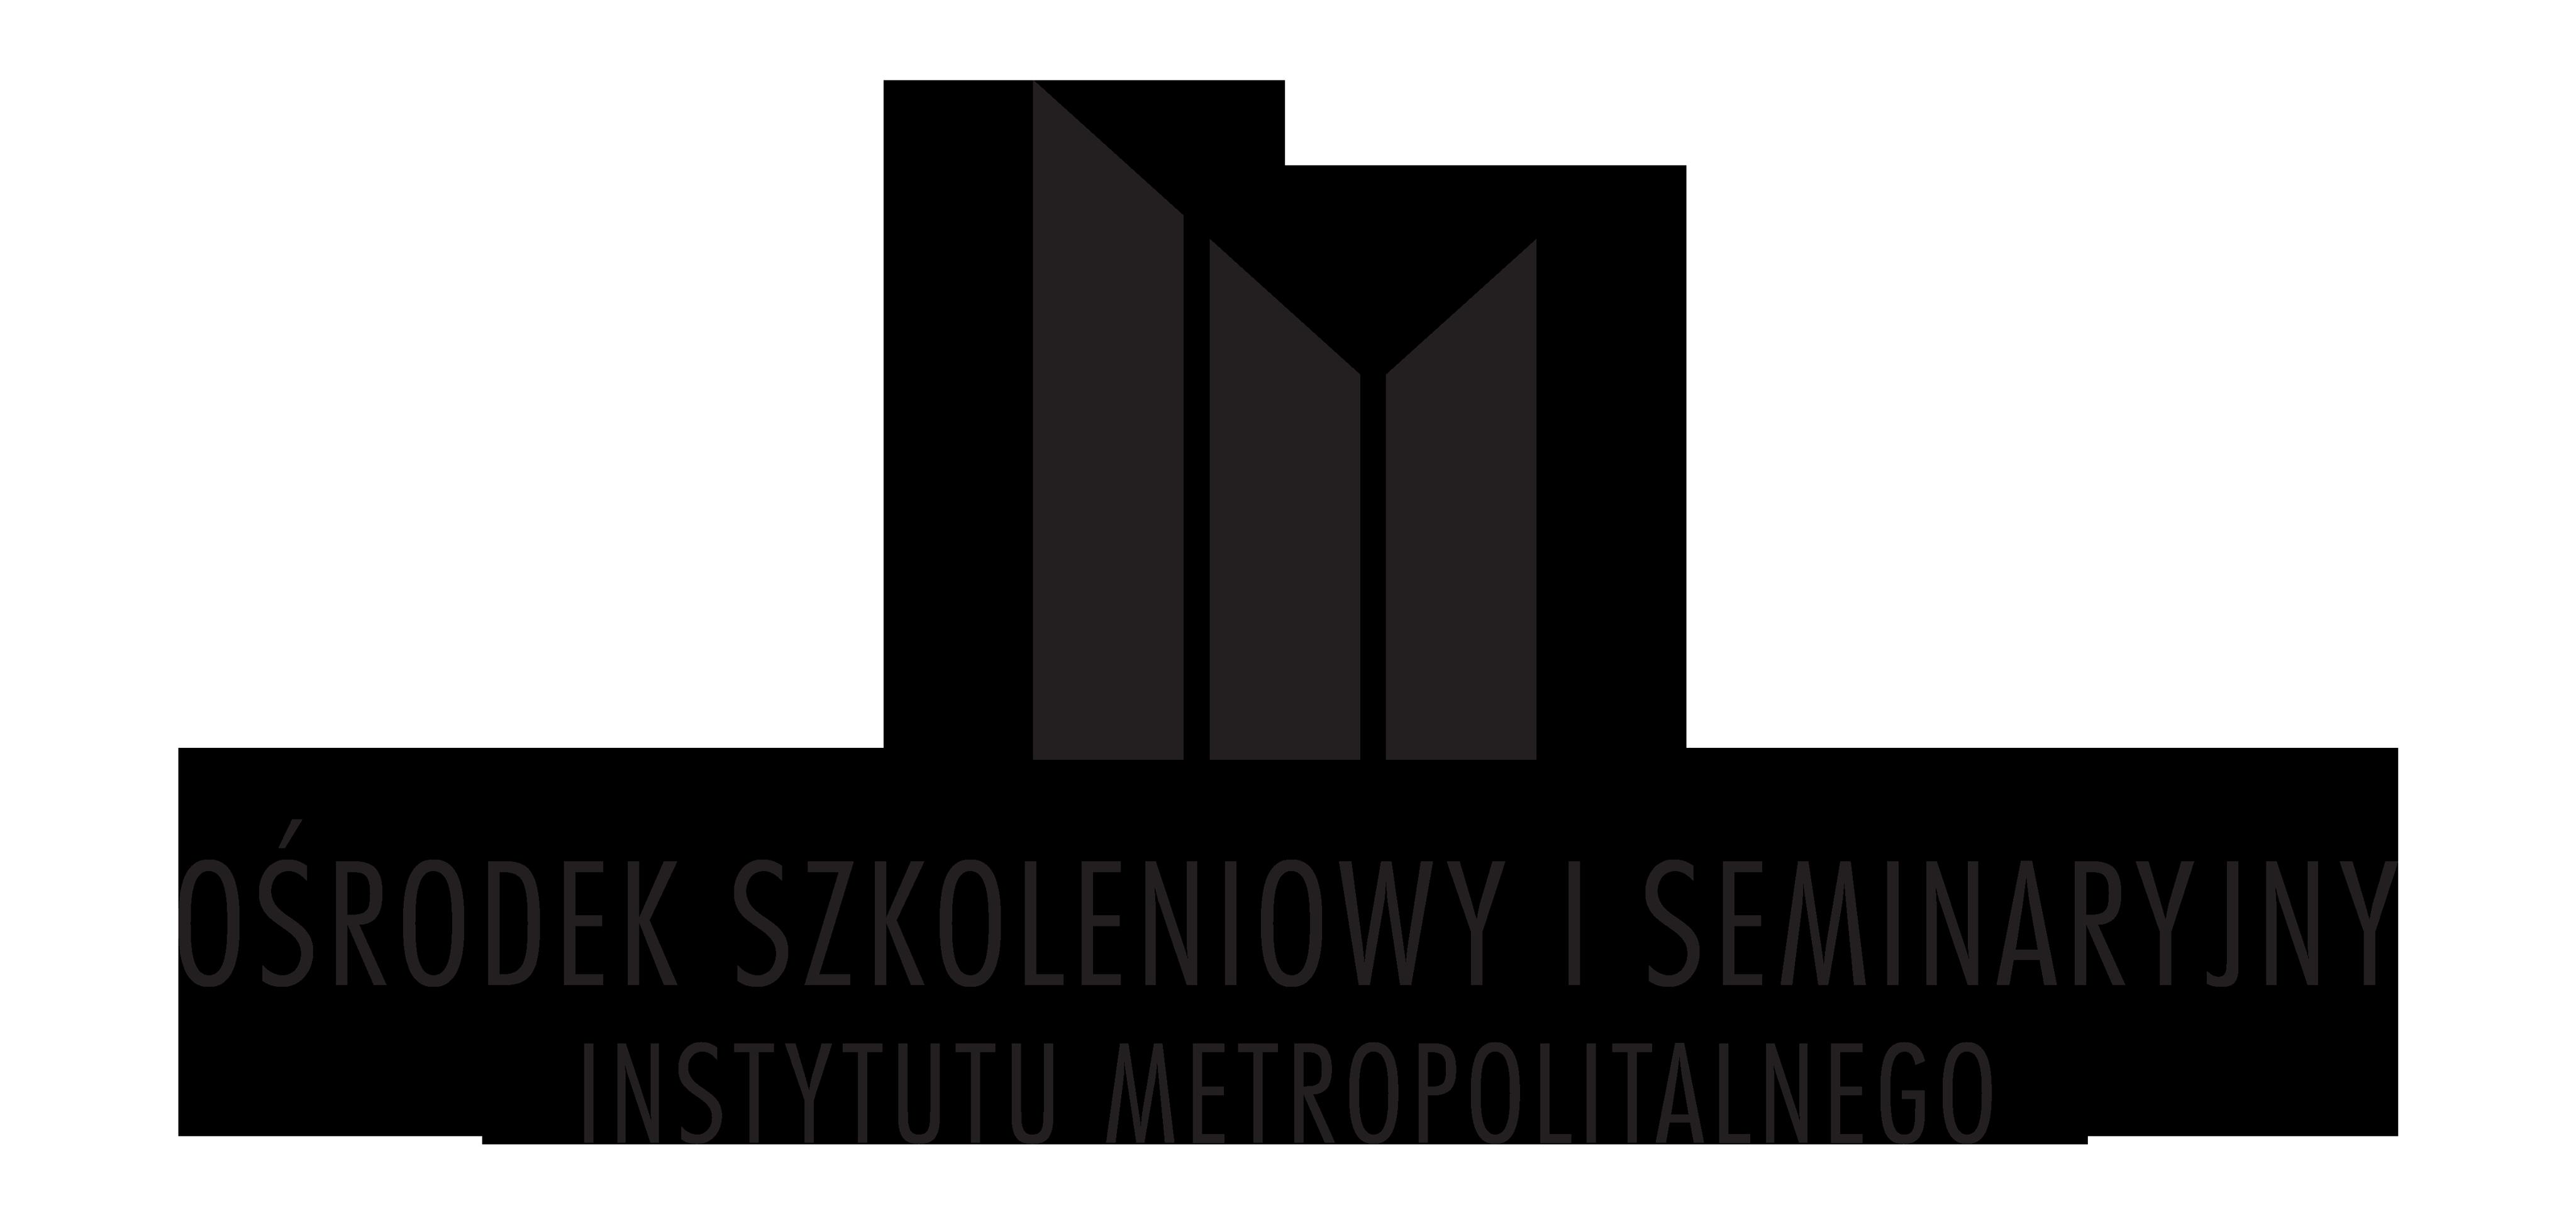 Ośrodek Szkoleniowy i Seminaryjny IM